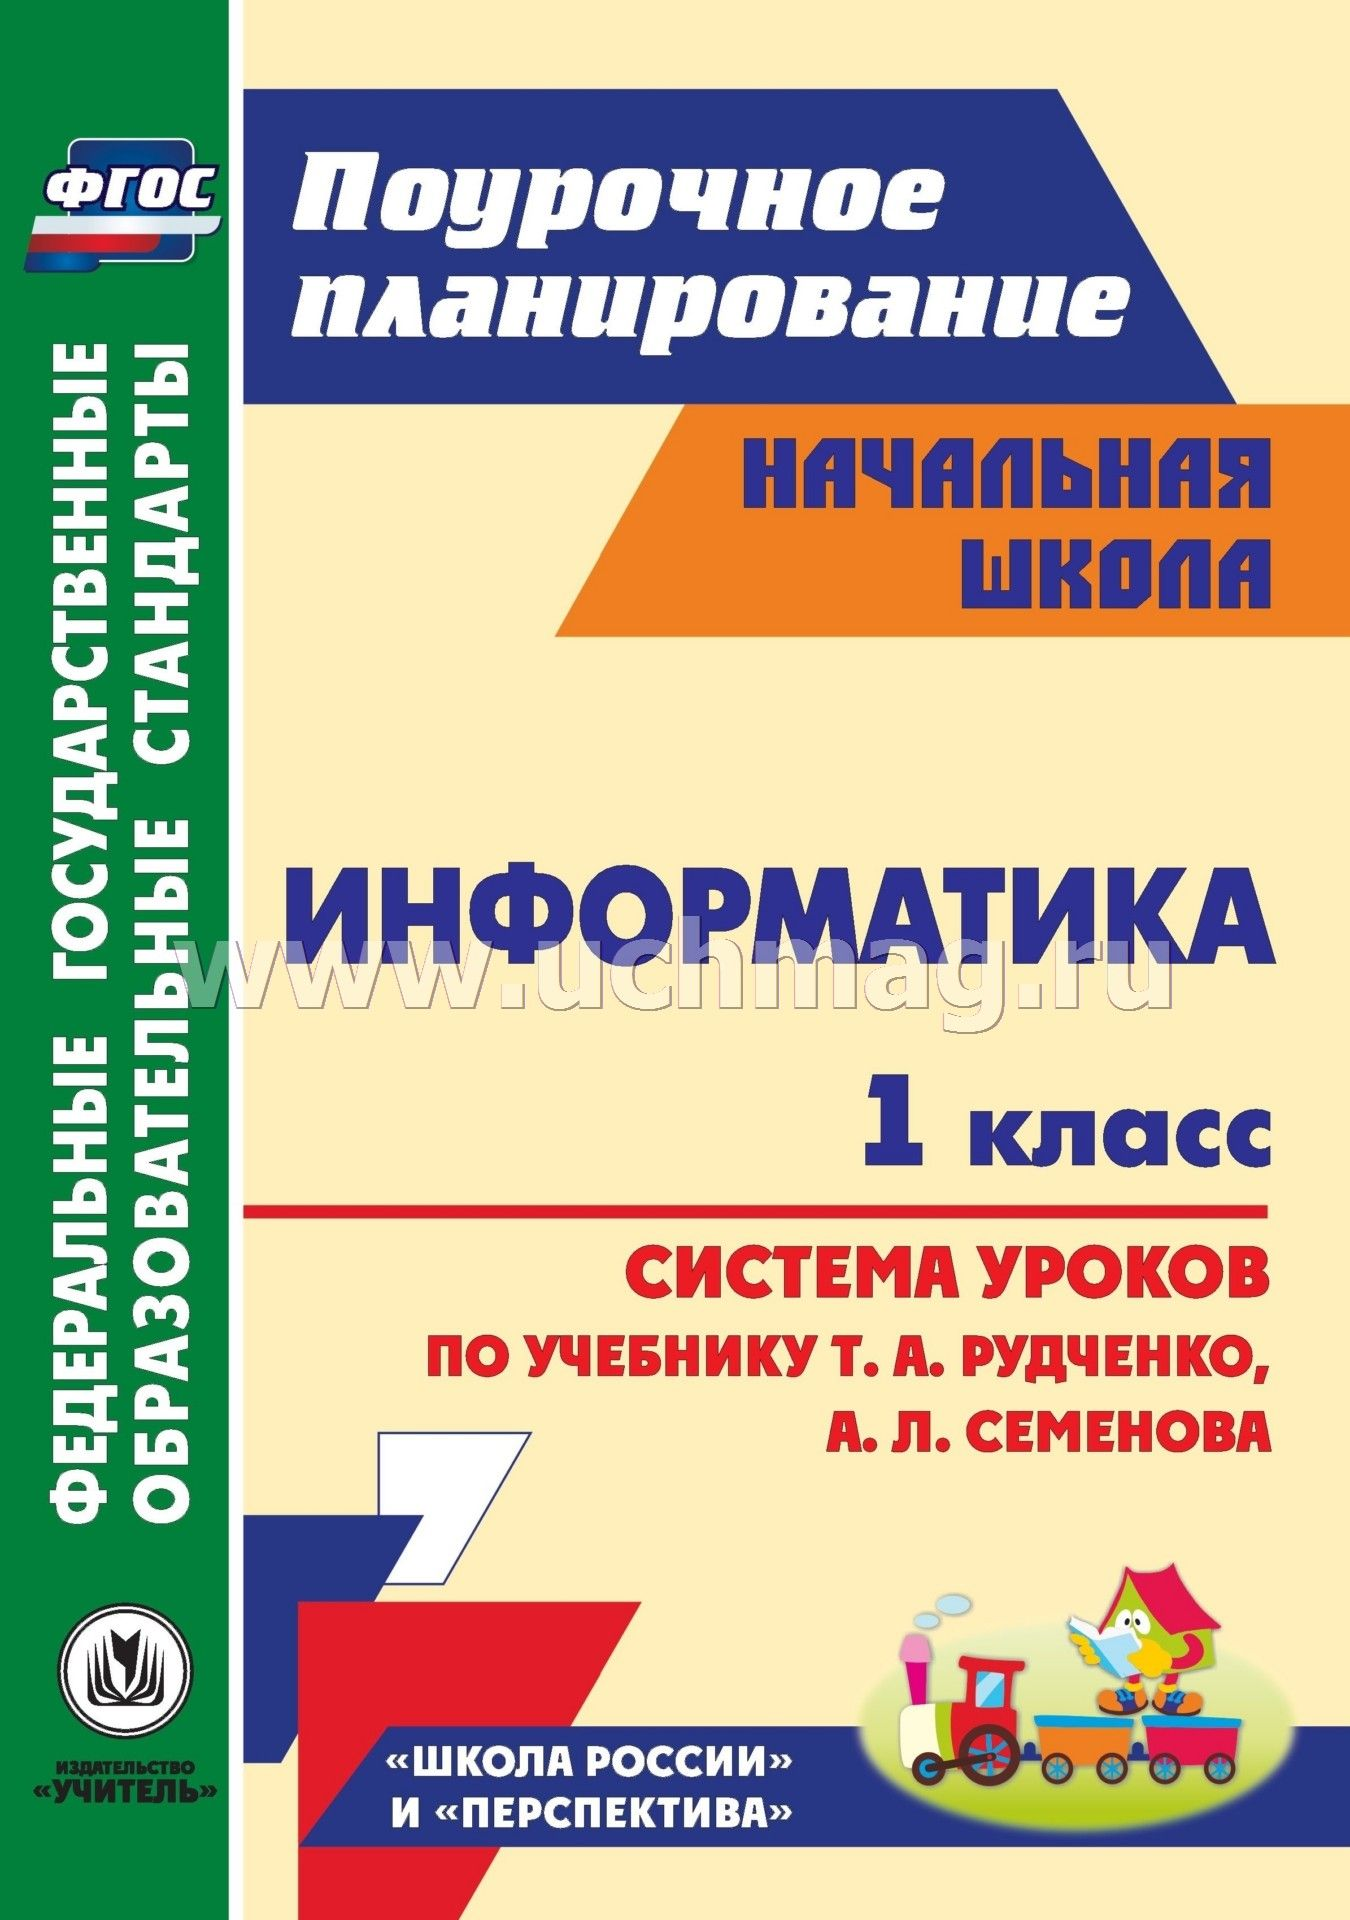 Календарь на 2016 год с праздниками и выходными в татарстане